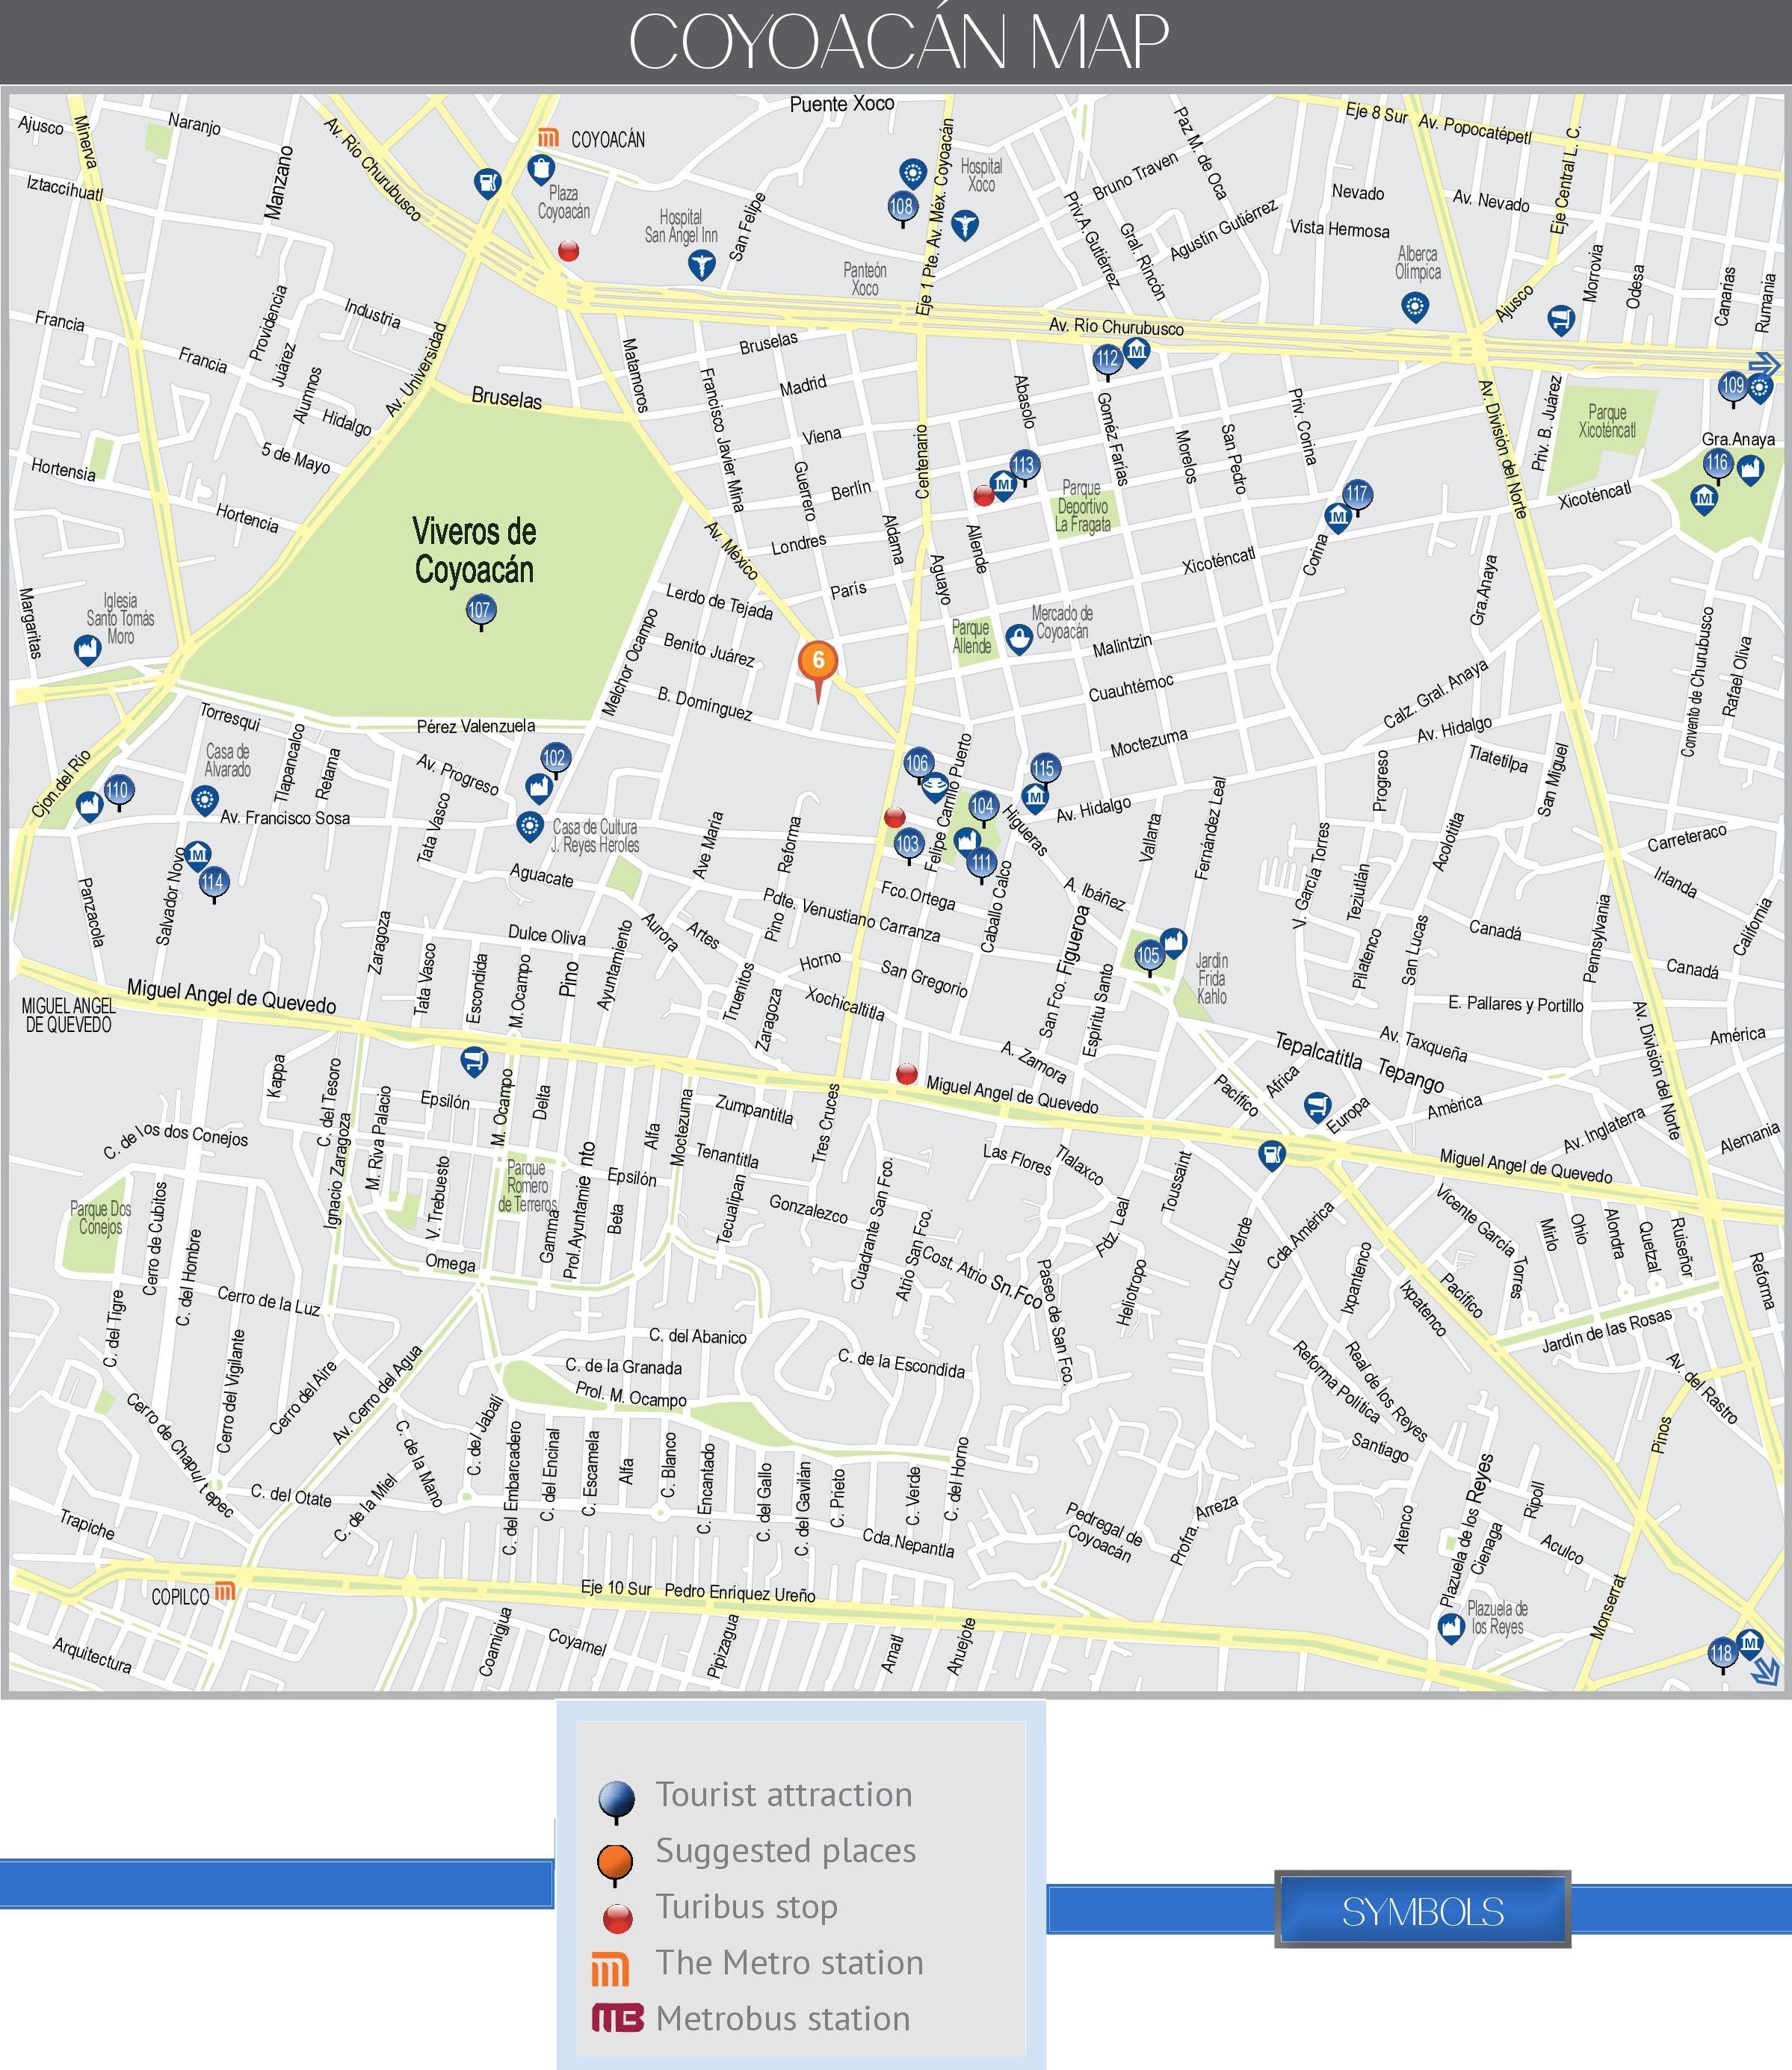 coyoacan map